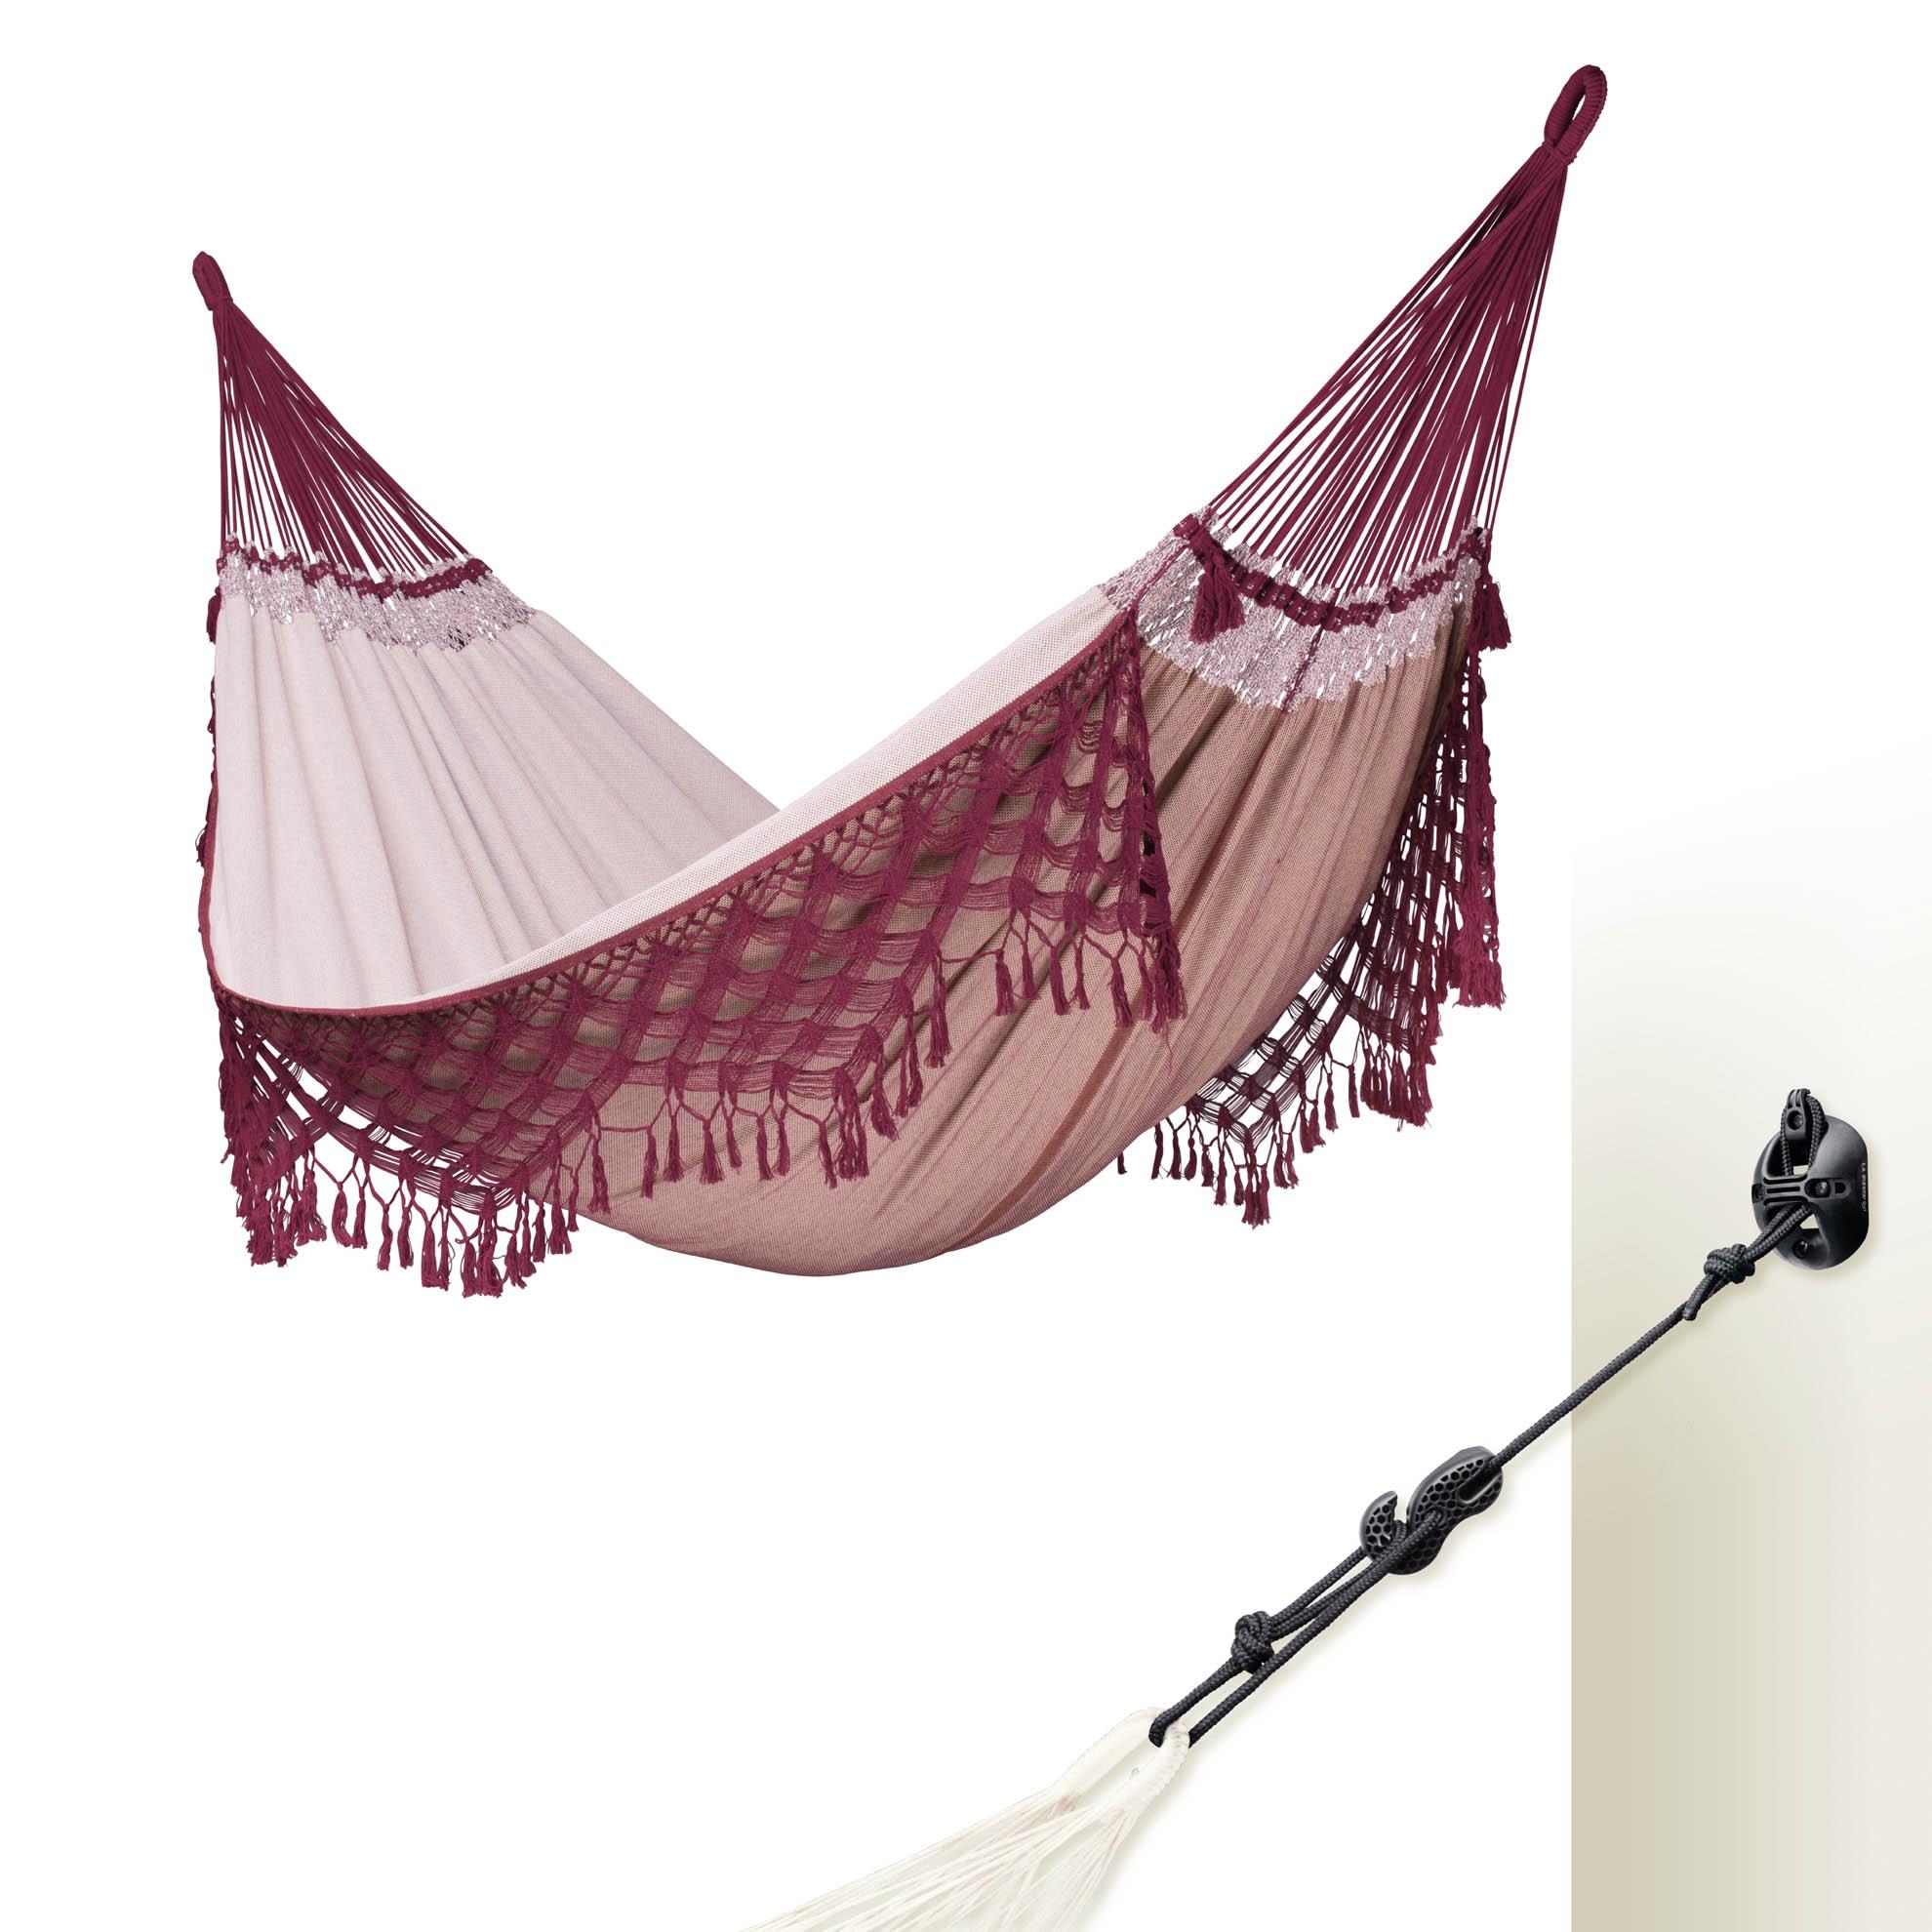 Empfehlung: Indoor Luxus Hängematte La Siesta Bossanova *